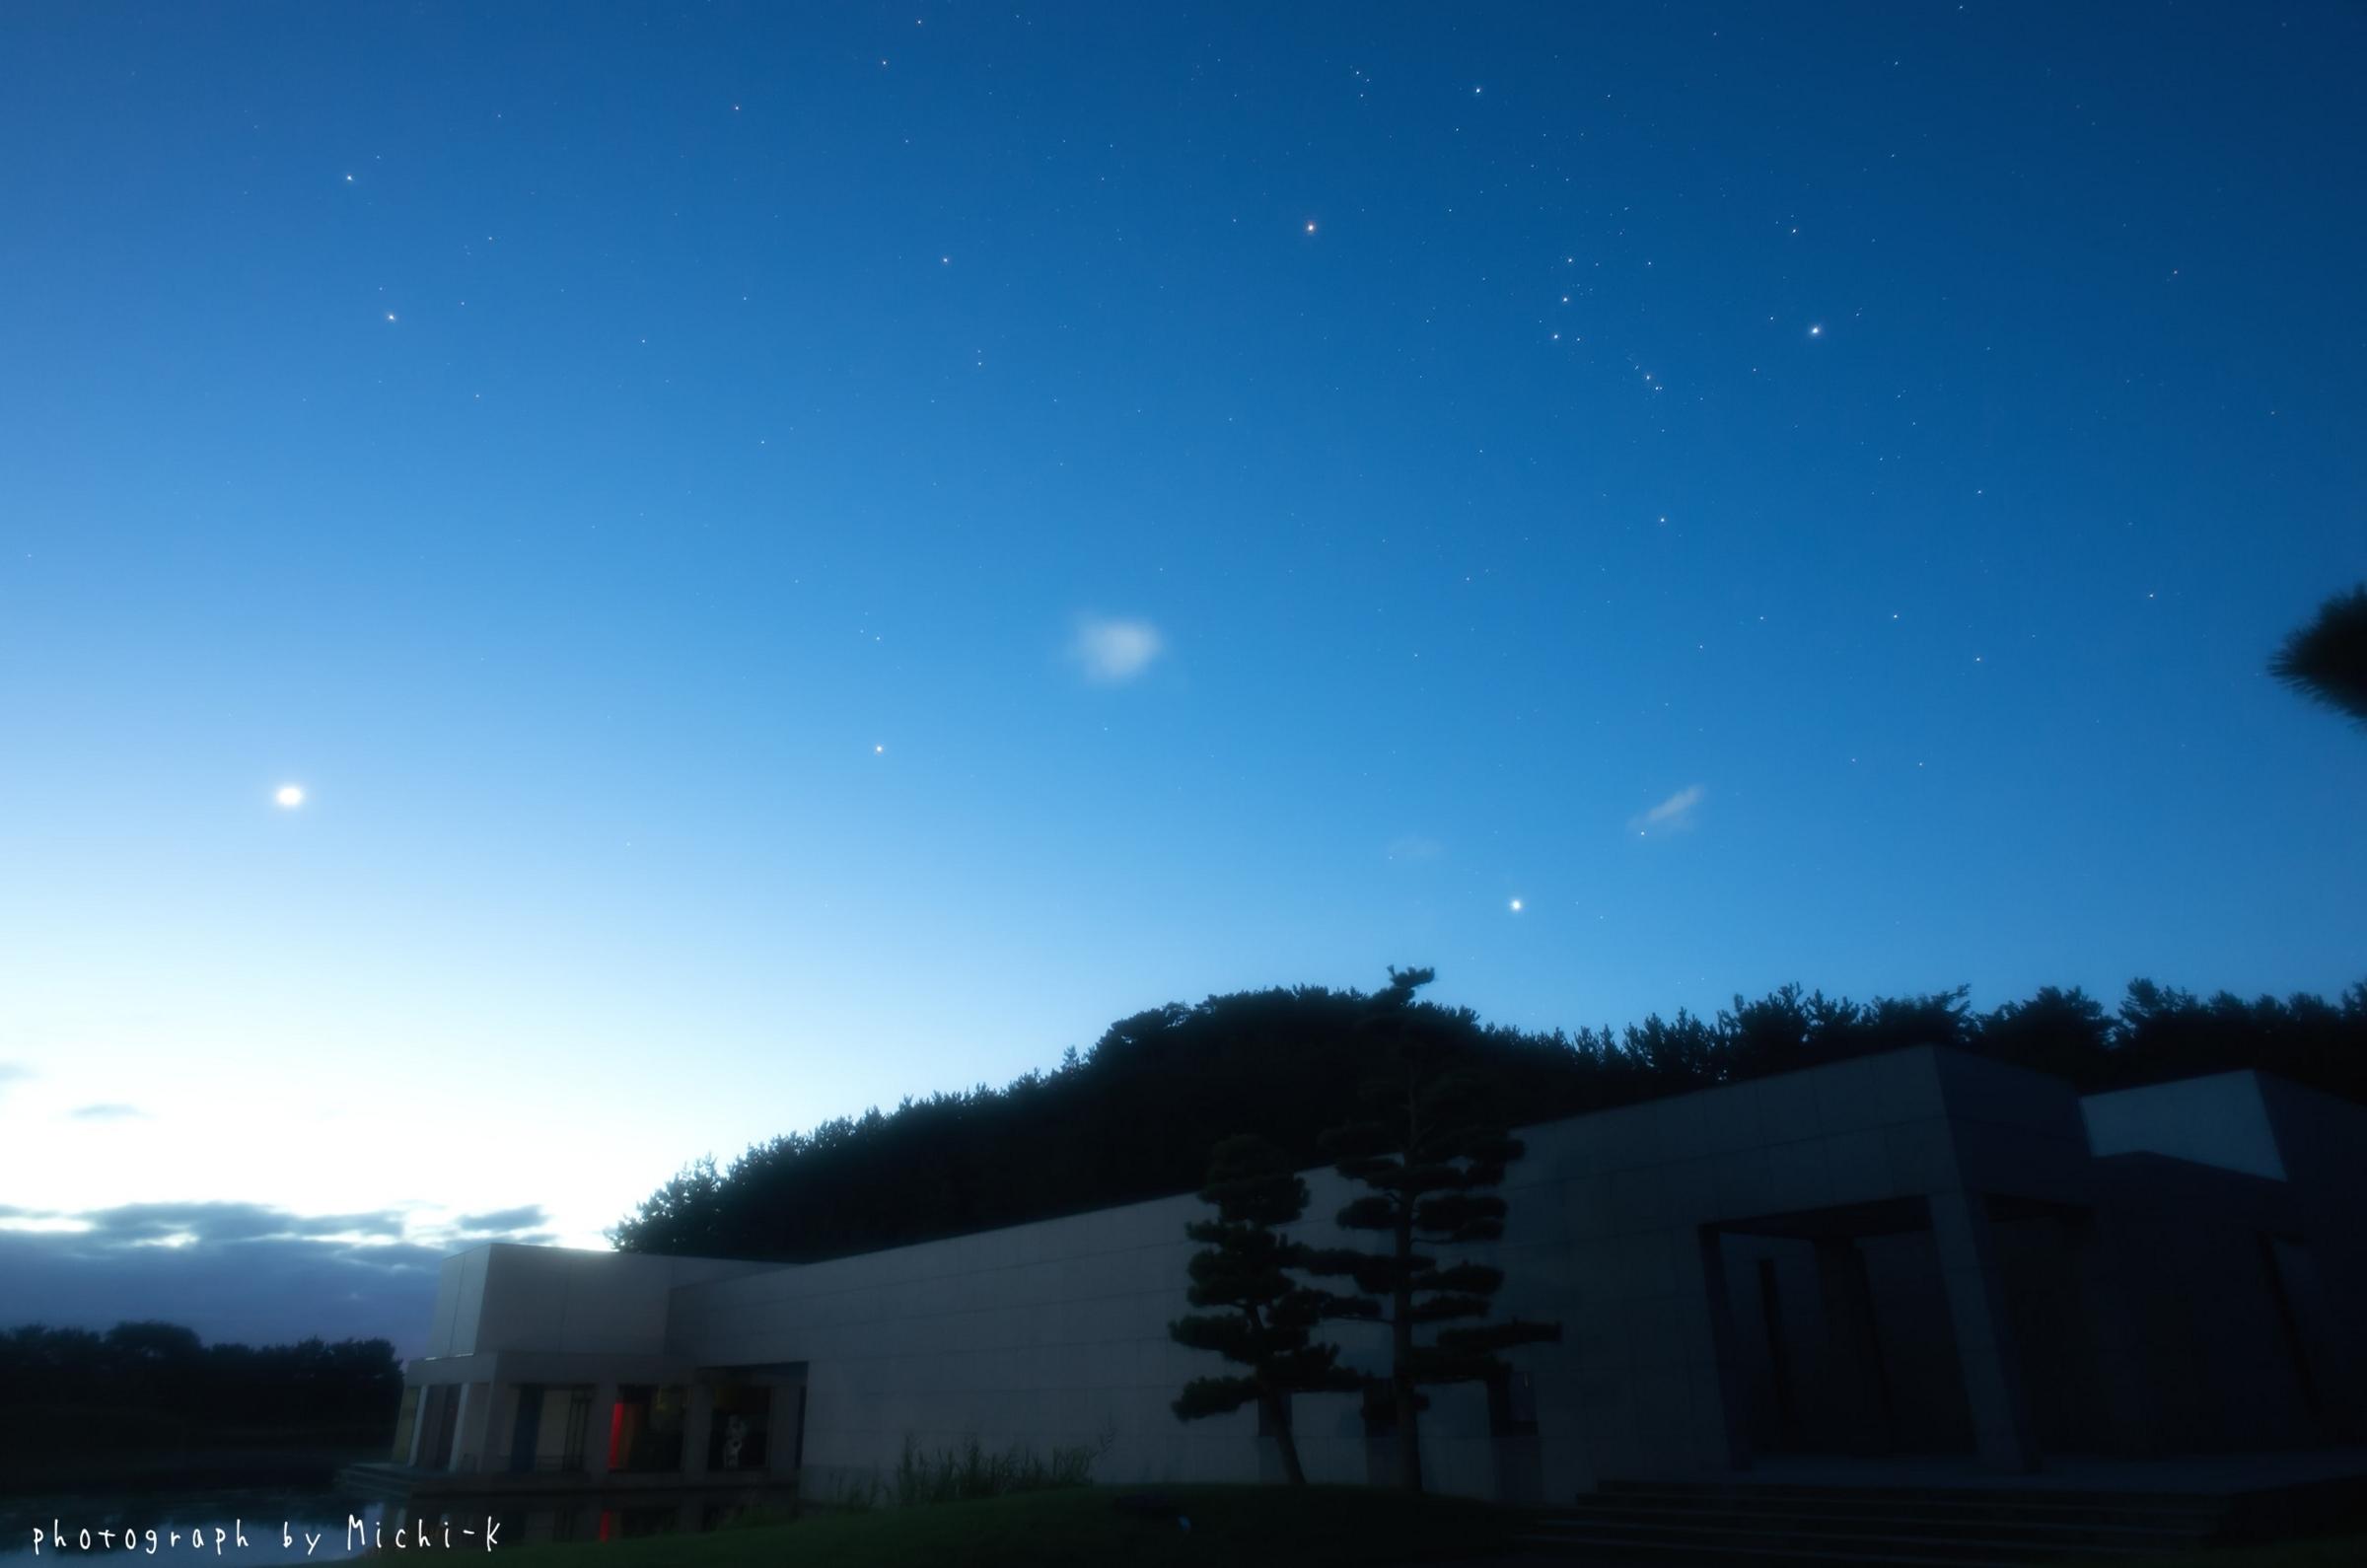 シリウスが見え「冬の大三角形」の星々が揃った。